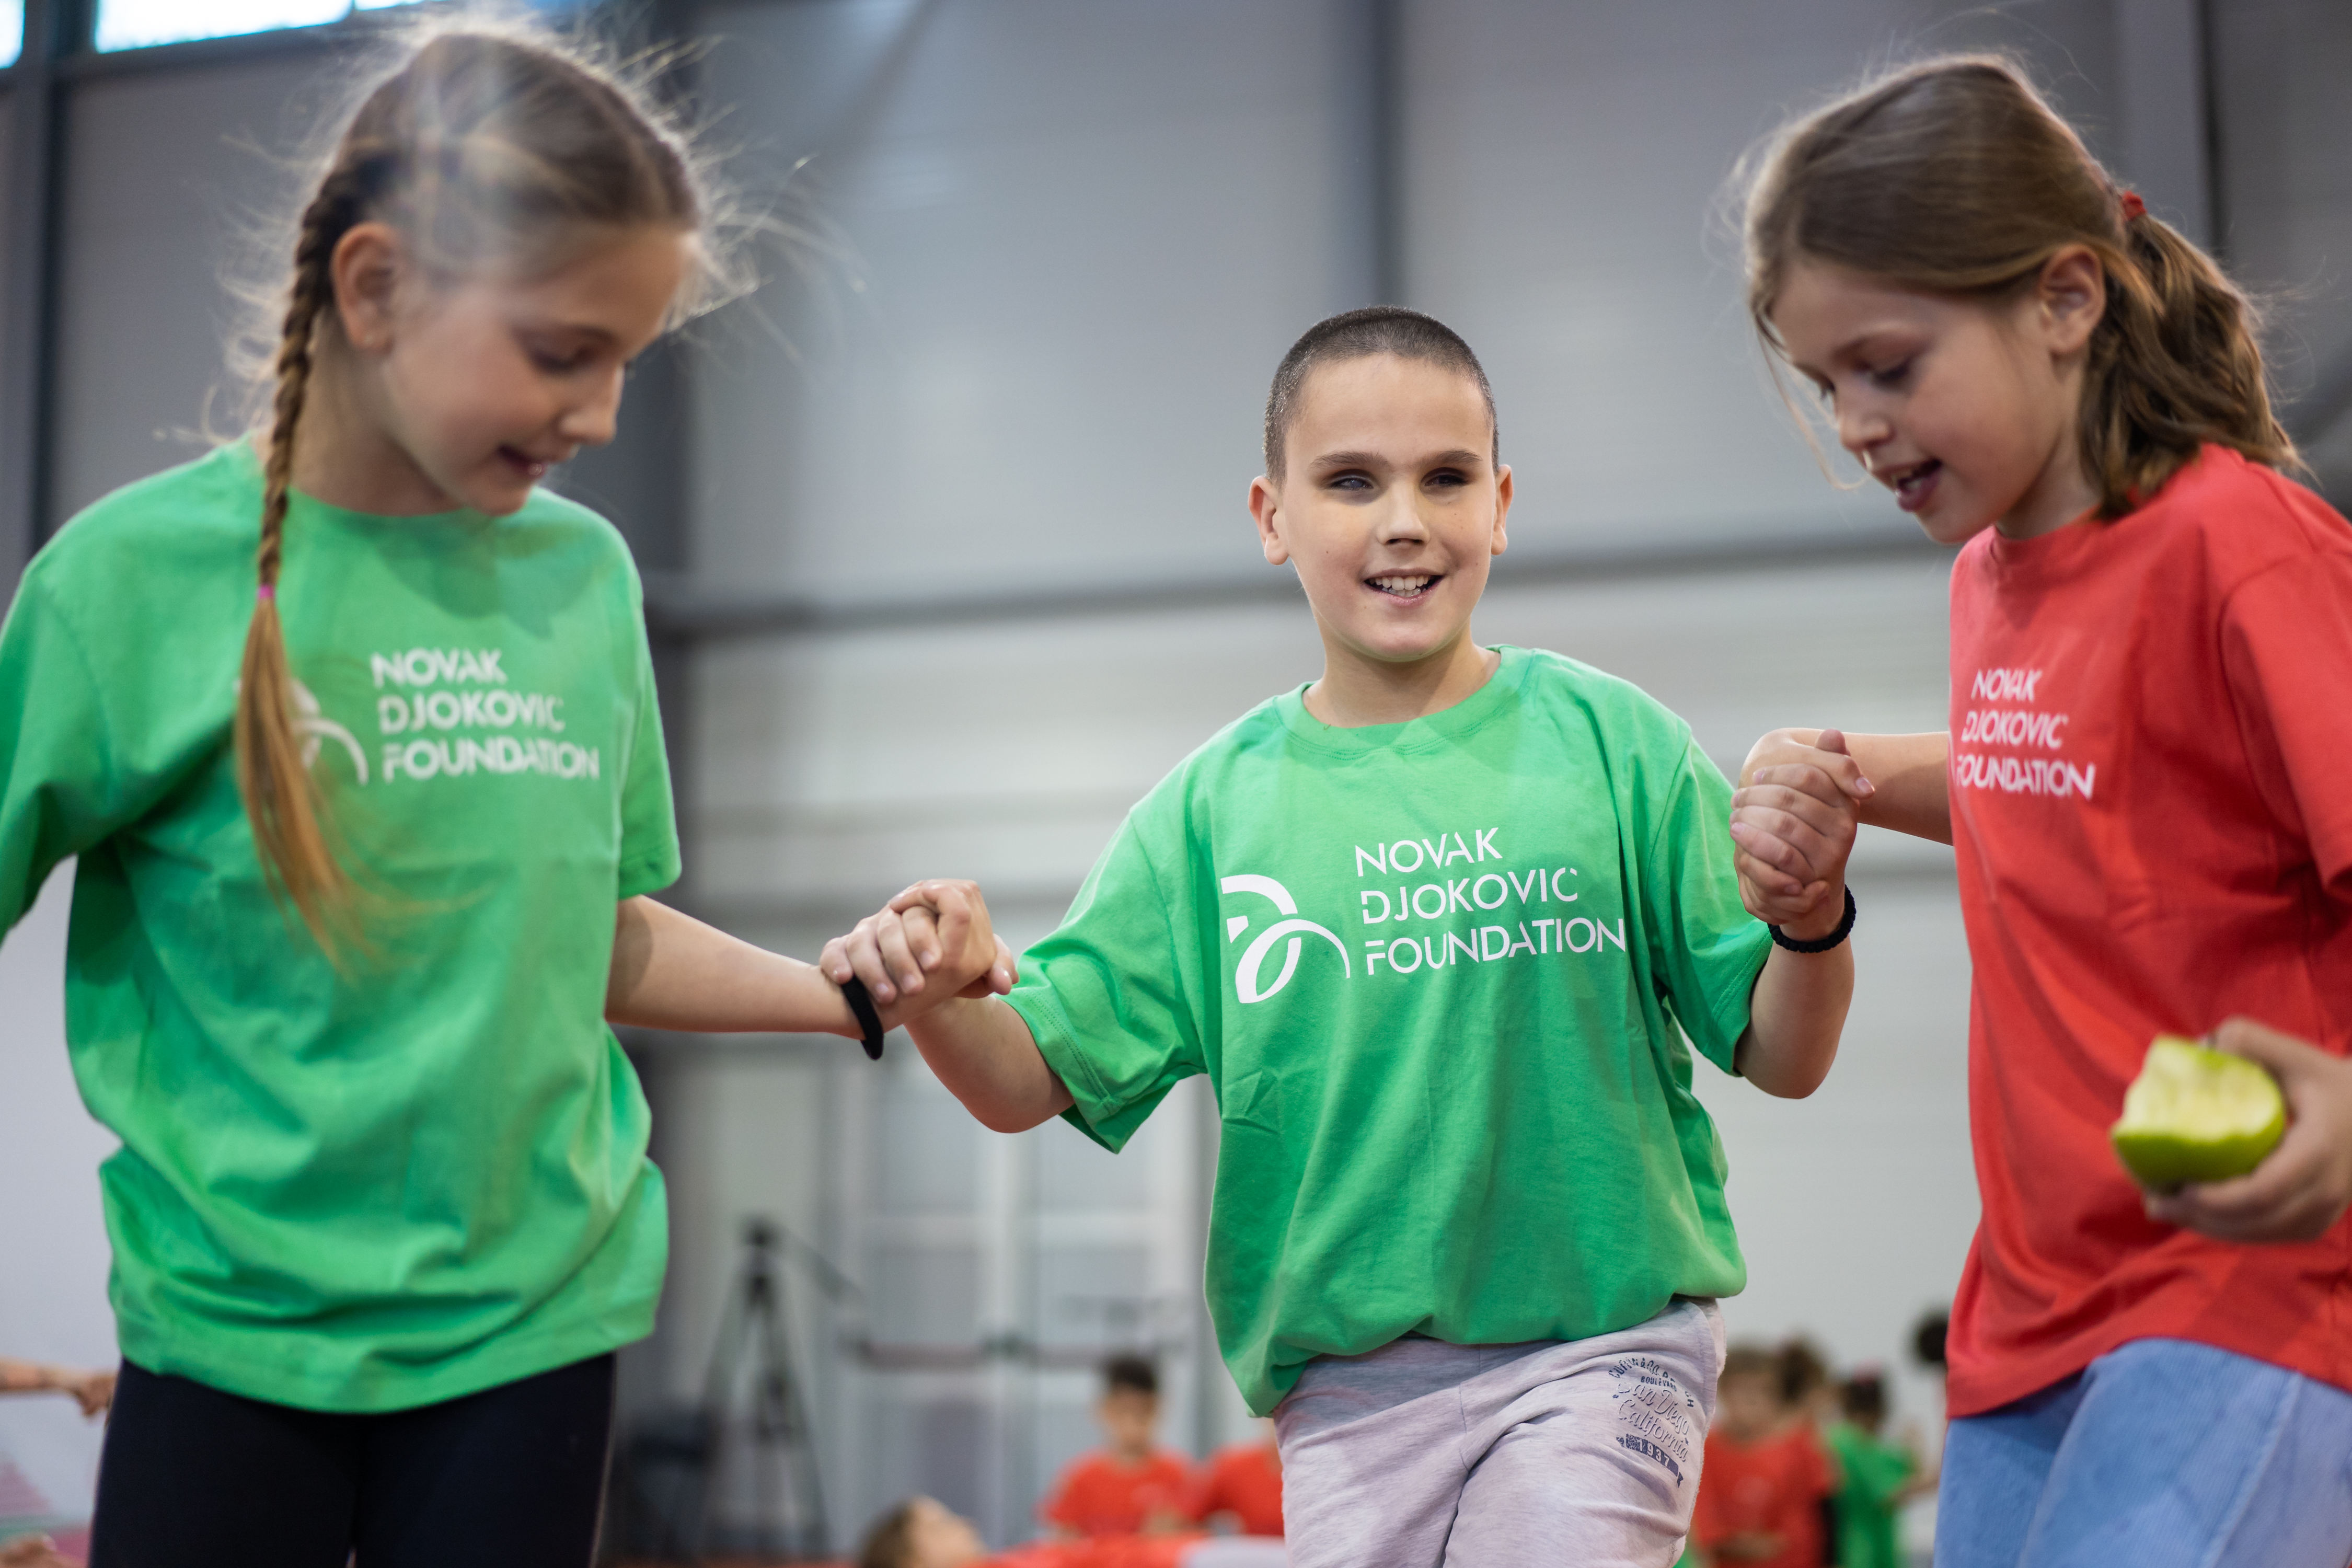 """Najveći uspeh manifestacije """"Odluči se za sport - veruj šampionu u sebi"""" je taj što je barem jedno dete steklo još jednog novog prijatelja."""